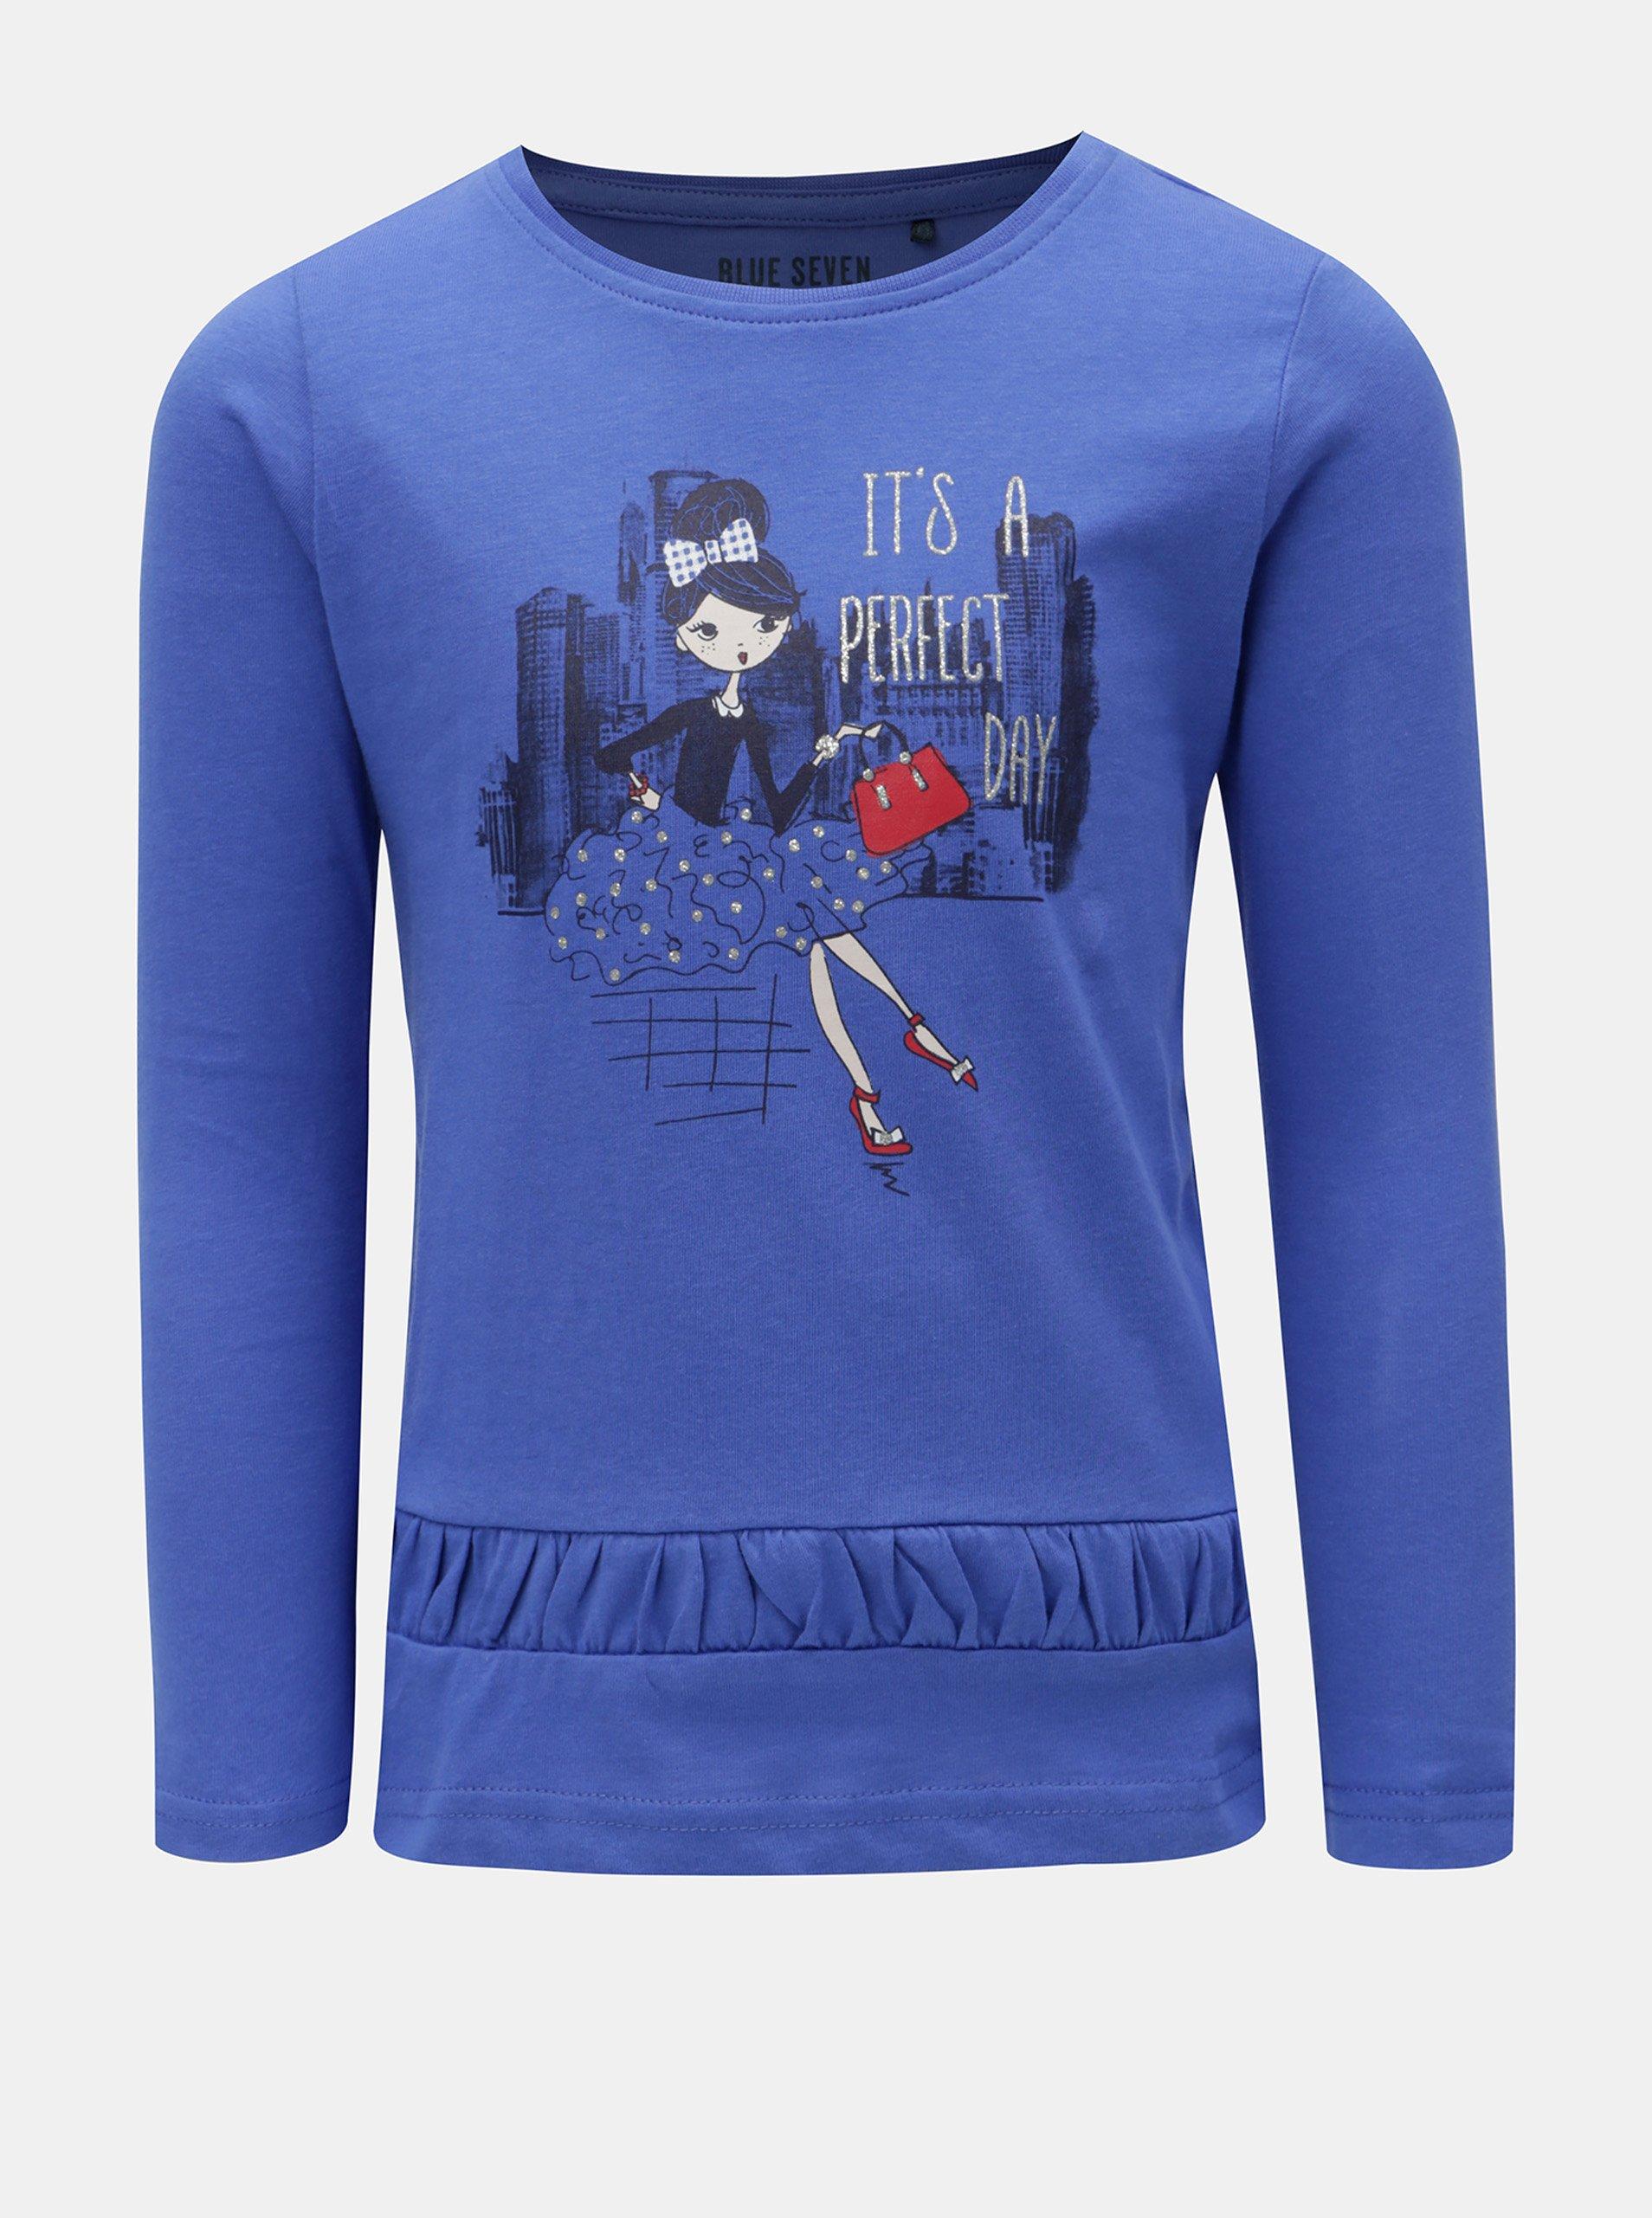 8646ffd93b08 Modré dievčenské tričko s potlačou Blue Seven